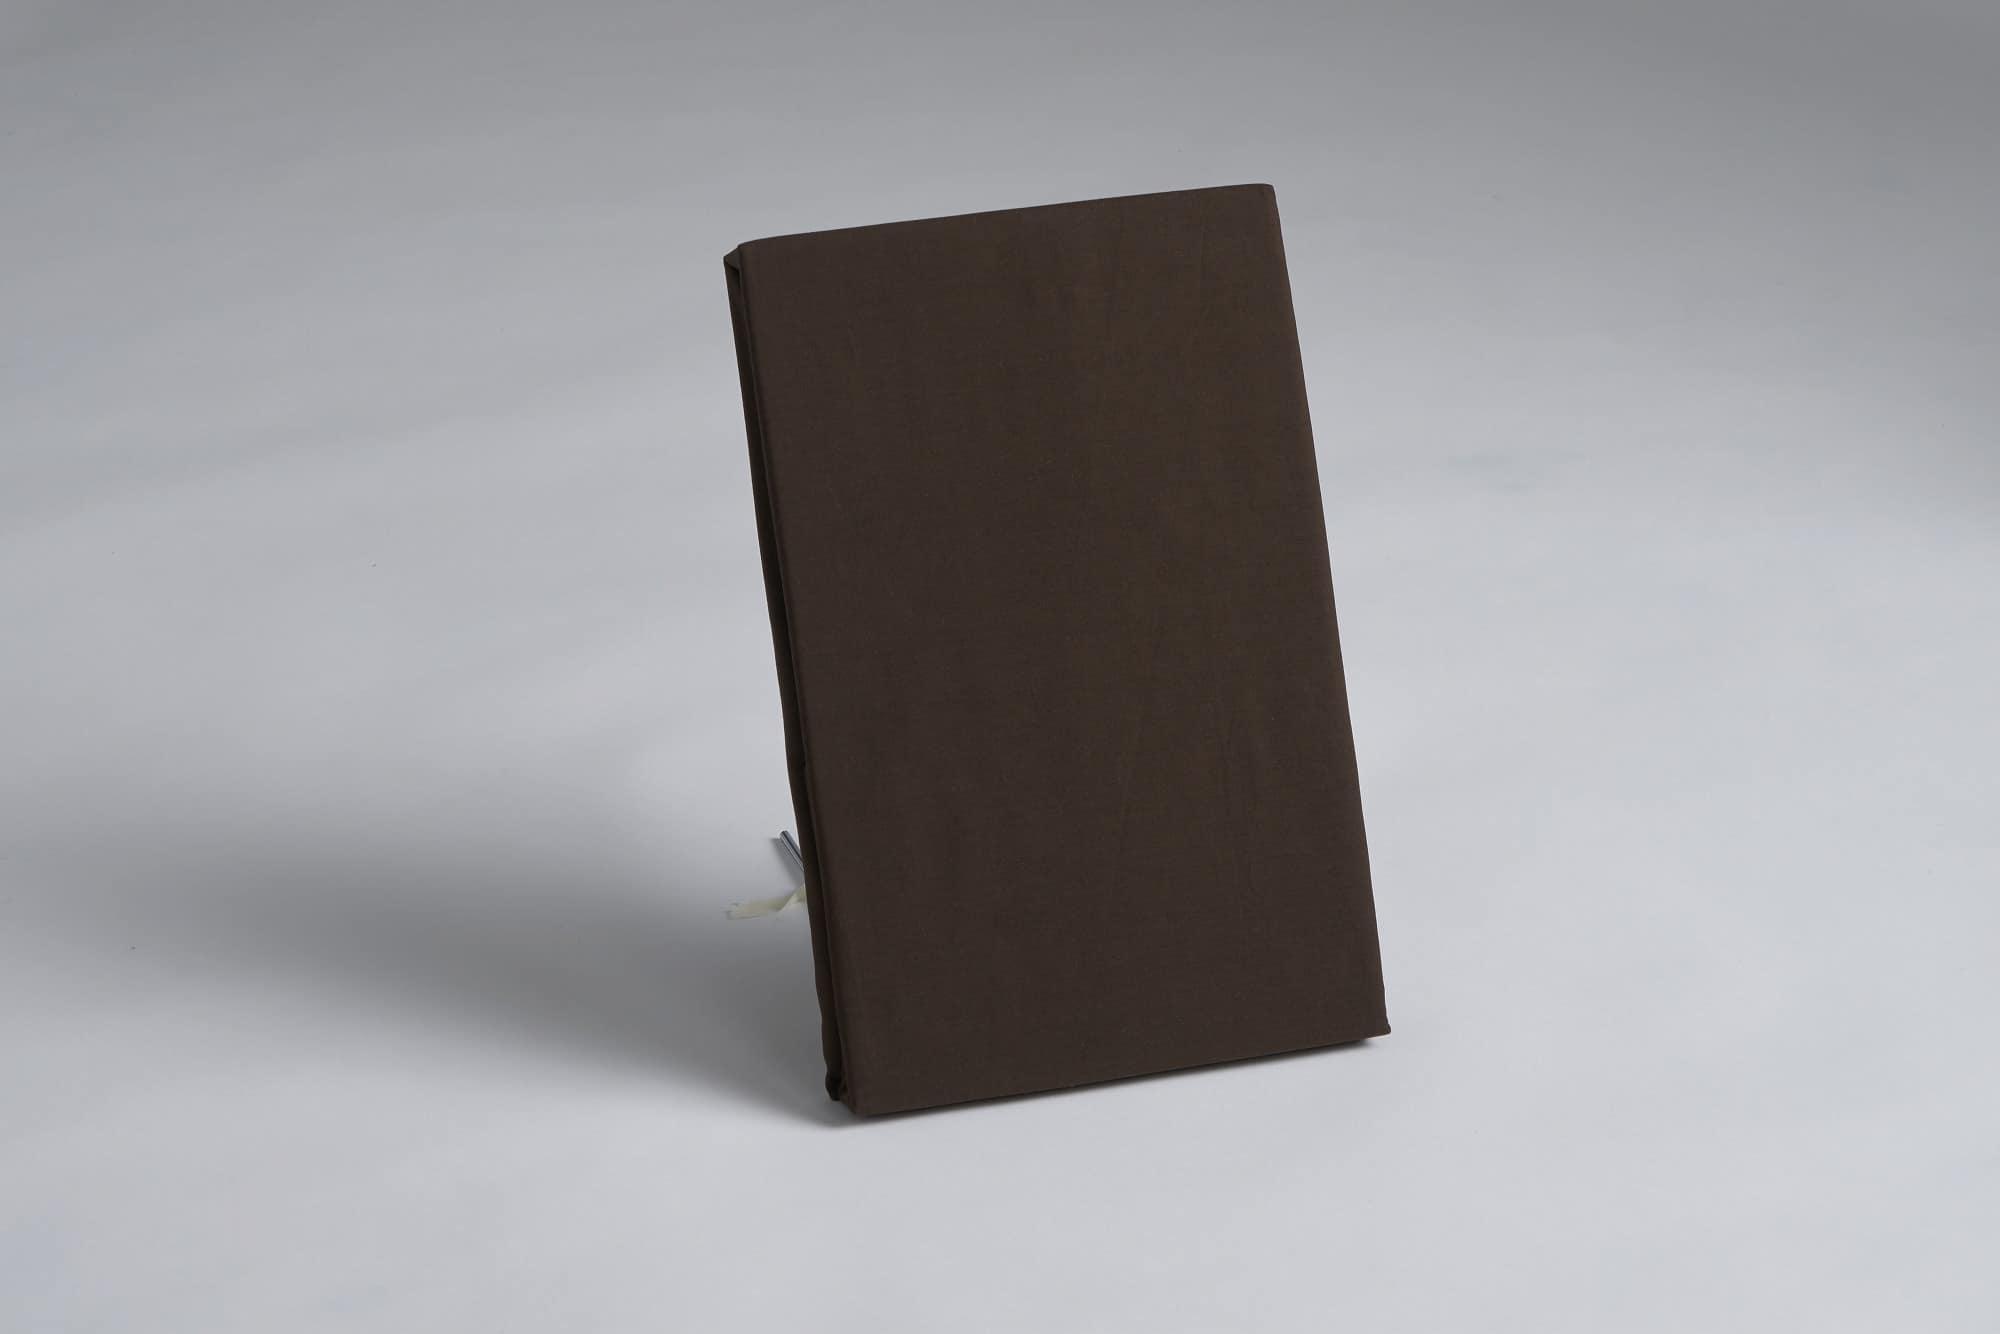 ボックスシーツ キング2用 45H ブラウン:《綿100%を使用したボックスシーツ》